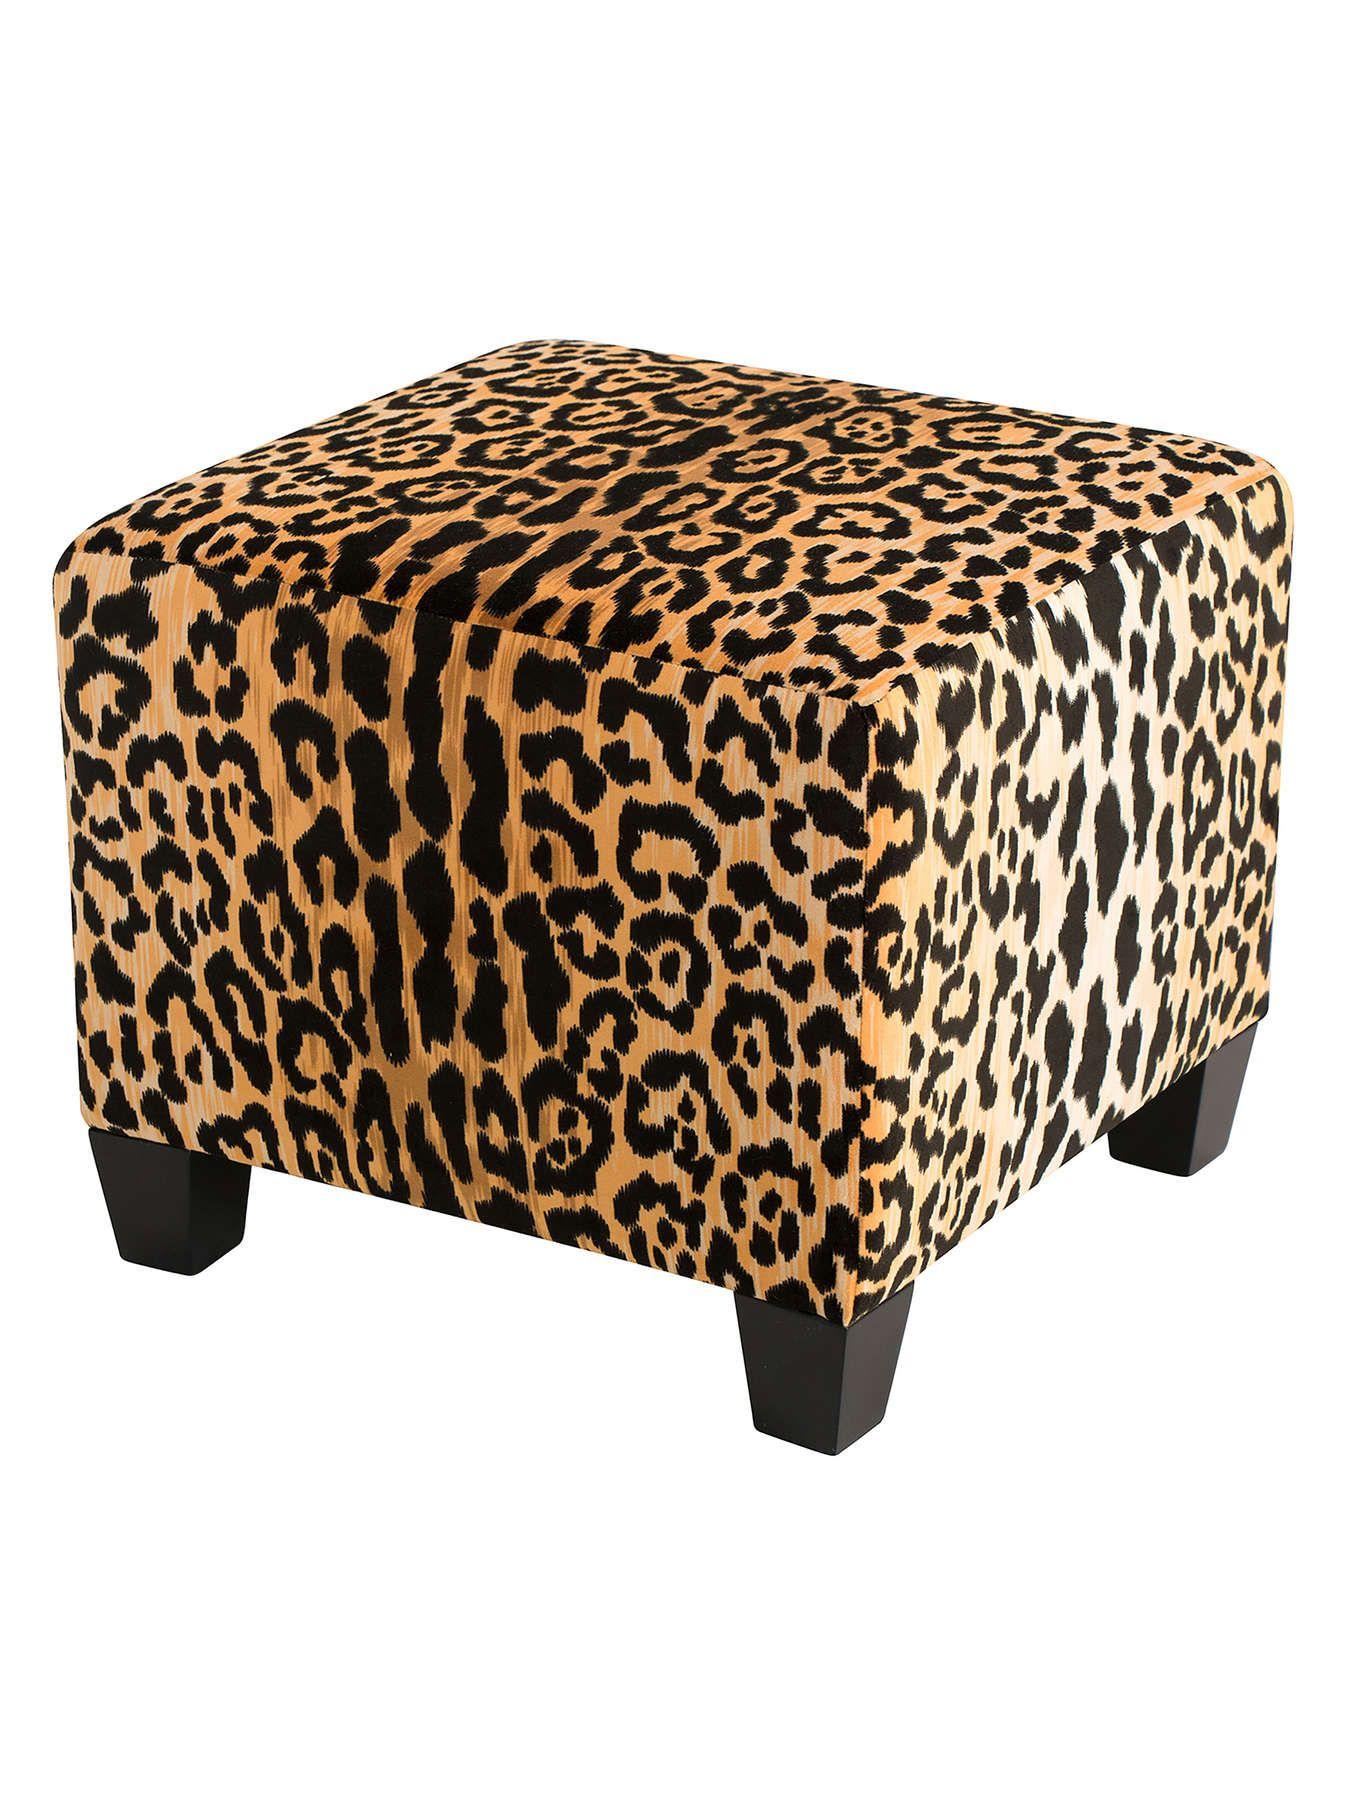 leopard print square ottoman